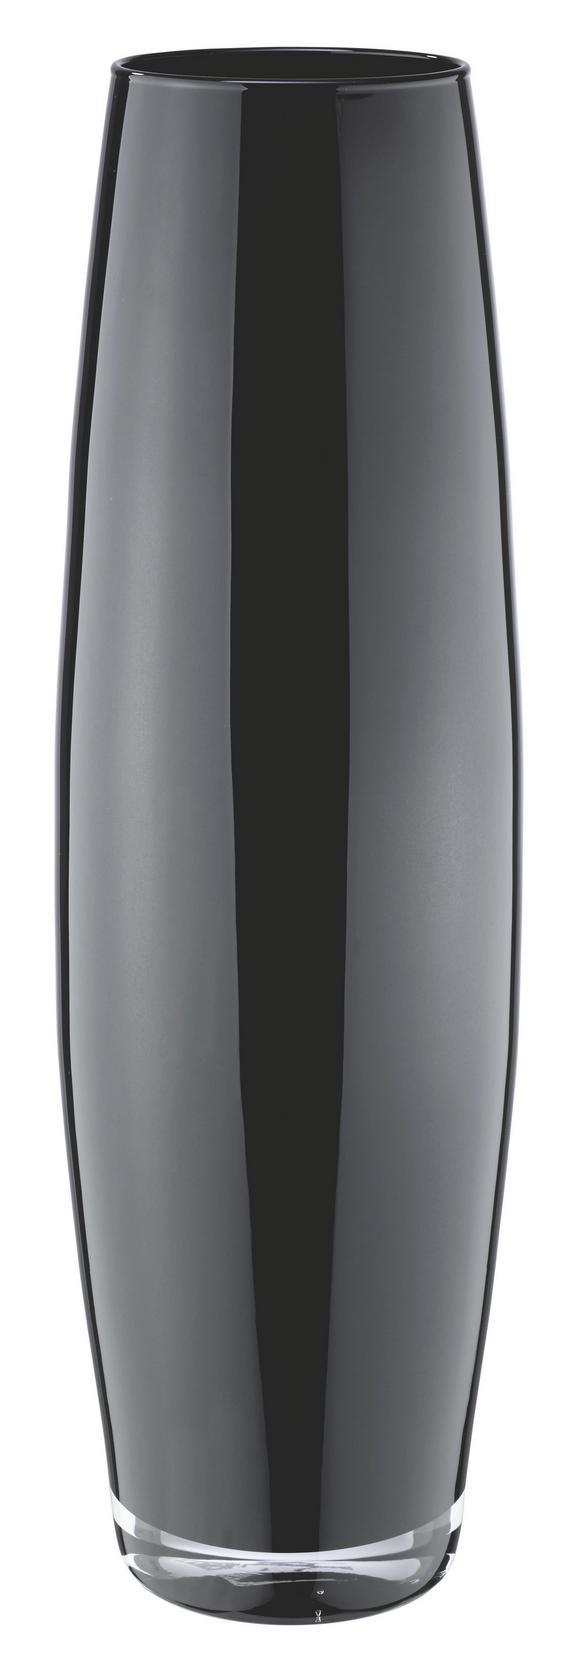 Vase Jenny in verschiedenen Farben - Schwarz/Weiß, Glas (50cm) - Mömax modern living